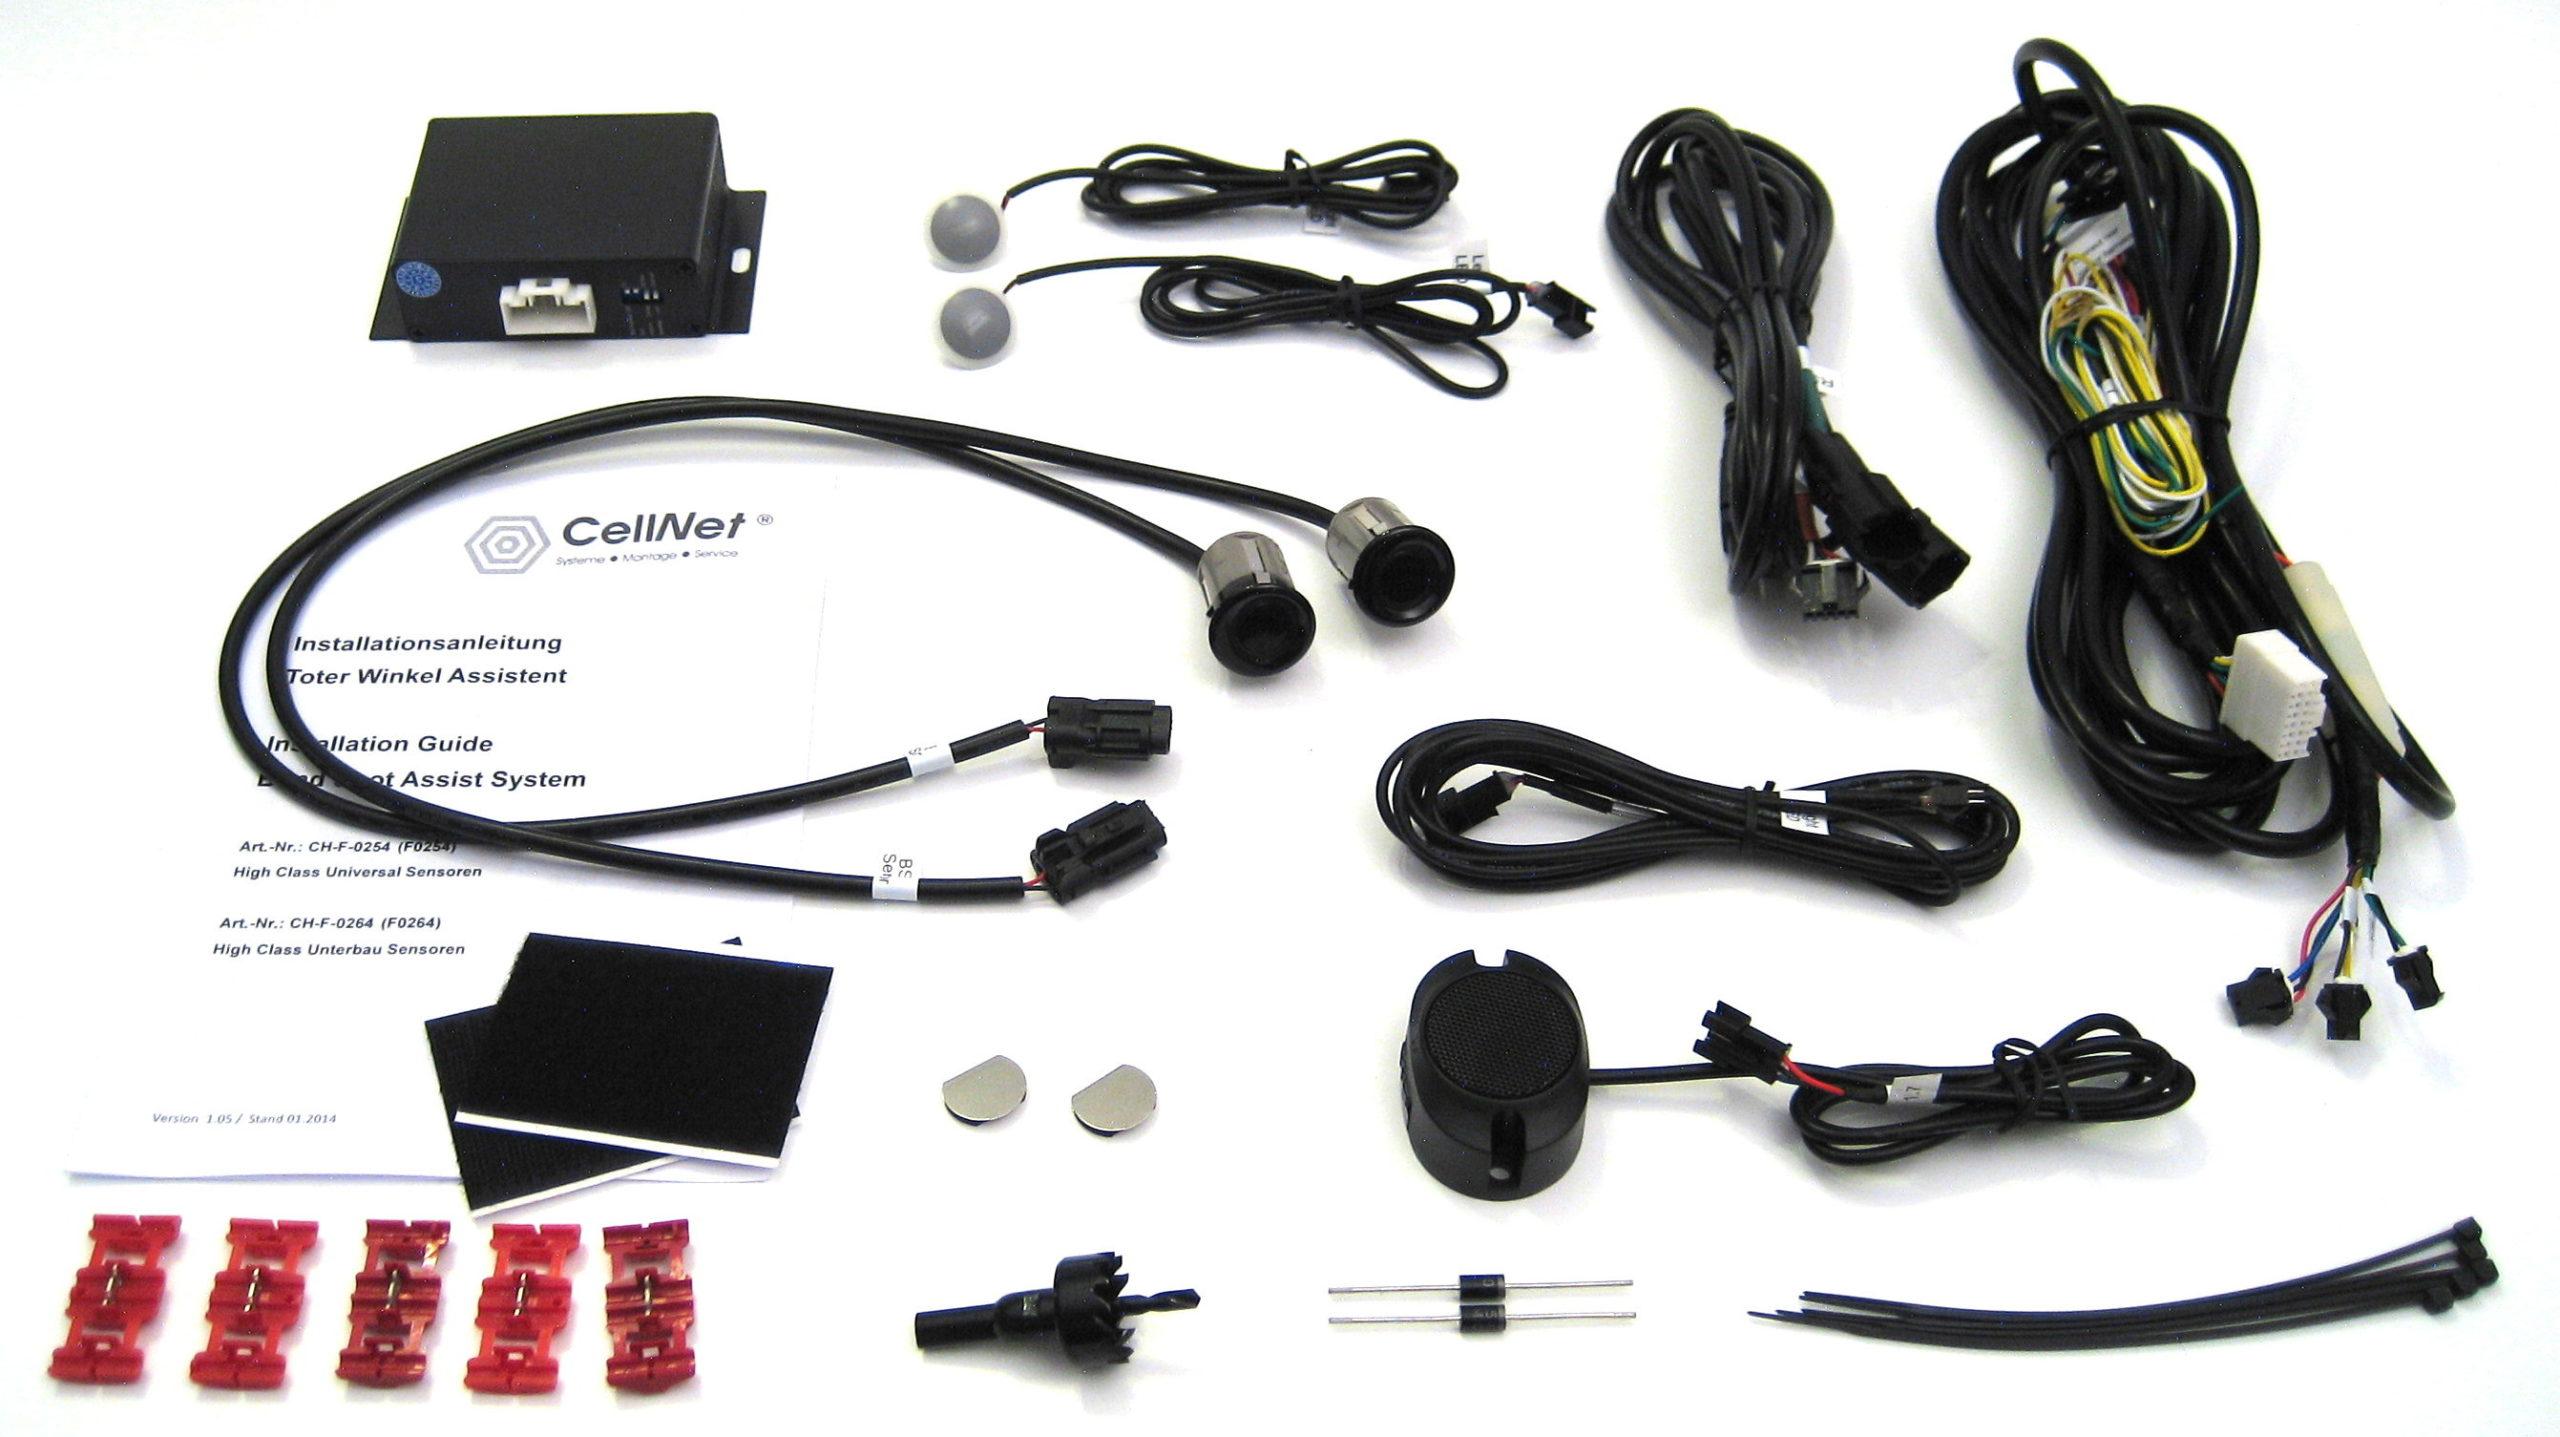 Toter-Winkel-Assistent mit 2 x High Class UNIVERSAL Sensoren / Spurwechsel-Assistent / Blind Spot Assist-863